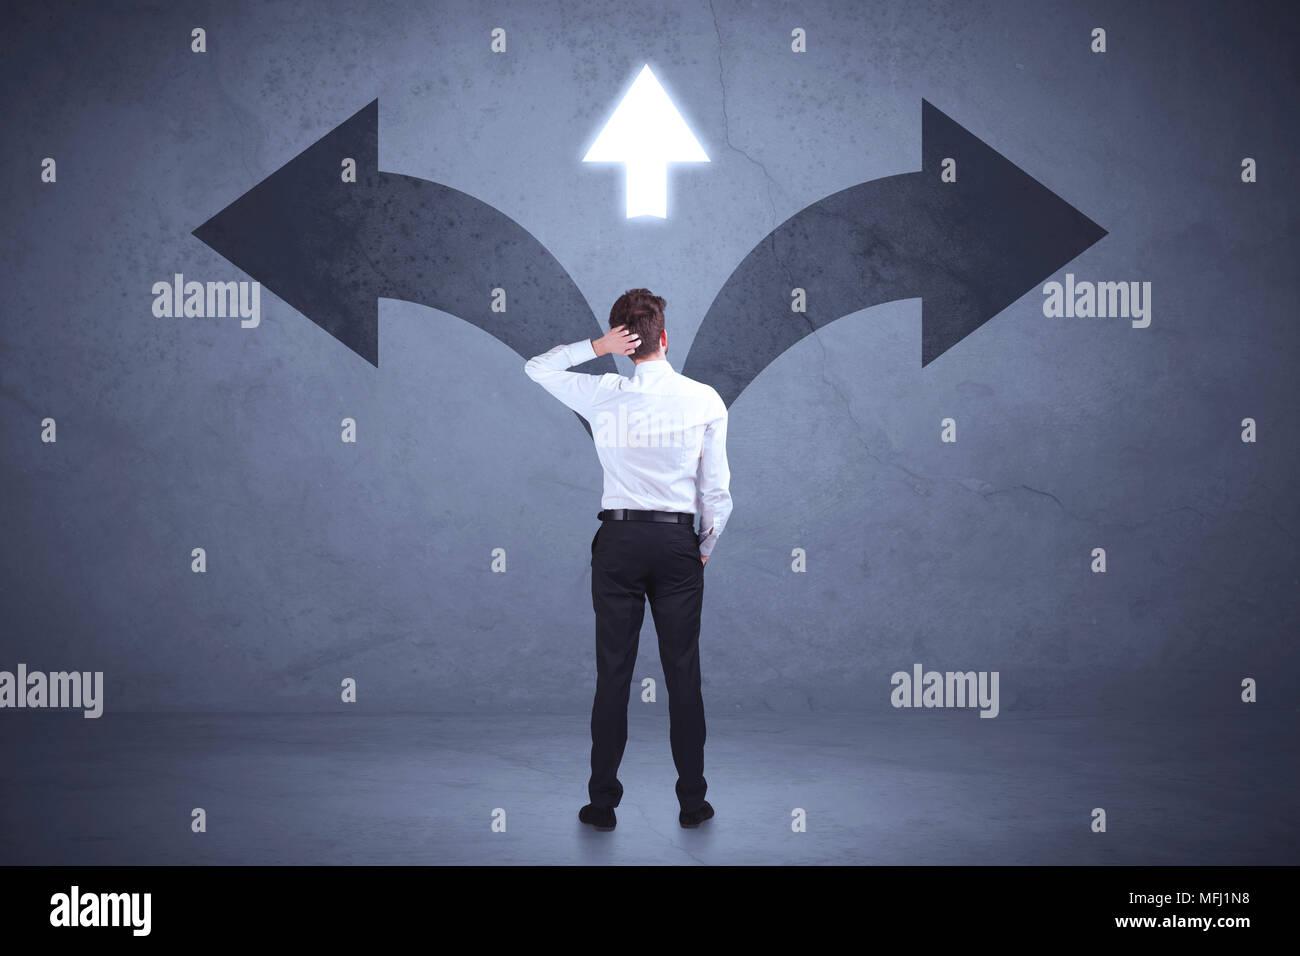 Unternehmer die Entscheidung während Pfeile an der Wand Konzept Hintergrund Stockbild